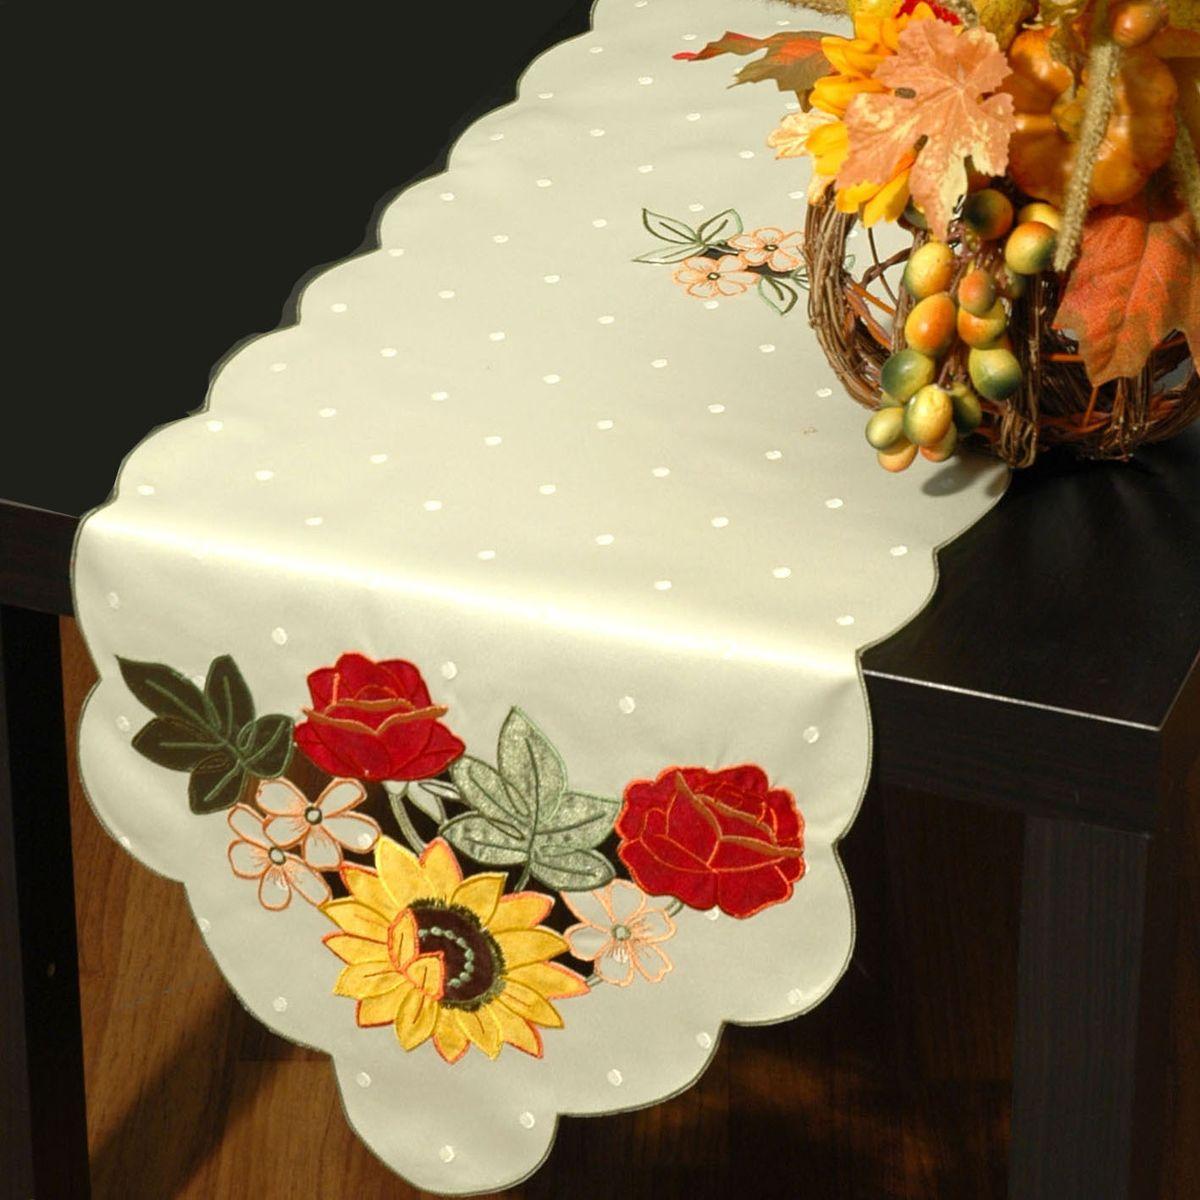 Дорожка для декорирования стола Schaefer, прямоугольная, цвет: кремовый, 35 x 160 см 05939-26405939-264Прямоугольная дорожка Schaefer изготовлена из высококачественного полиэстера и оформлена аппликацией по краям. Вы можете использовать дорожку для декорирования стола, комода или журнального столика. Благодаря такой дорожке вы защитите поверхность мебели от воды, пятен и механических воздействий, а также создадите атмосферу уюта и домашнего тепла в интерьере вашей квартиры. Изделия из искусственных волокон легко стирать: они не мнутся, не садятся и быстро сохнут, они более долговечны, чем изделия из натуральных волокон. Изысканный текстиль от немецкой компании Schaefer - это красота, стиль и уют в вашем доме. Дорожка органично впишется в интерьер любого помещения, а оригинальный дизайн удовлетворит даже самый изысканный вкус. Дарите себе и близким красоту каждый день!